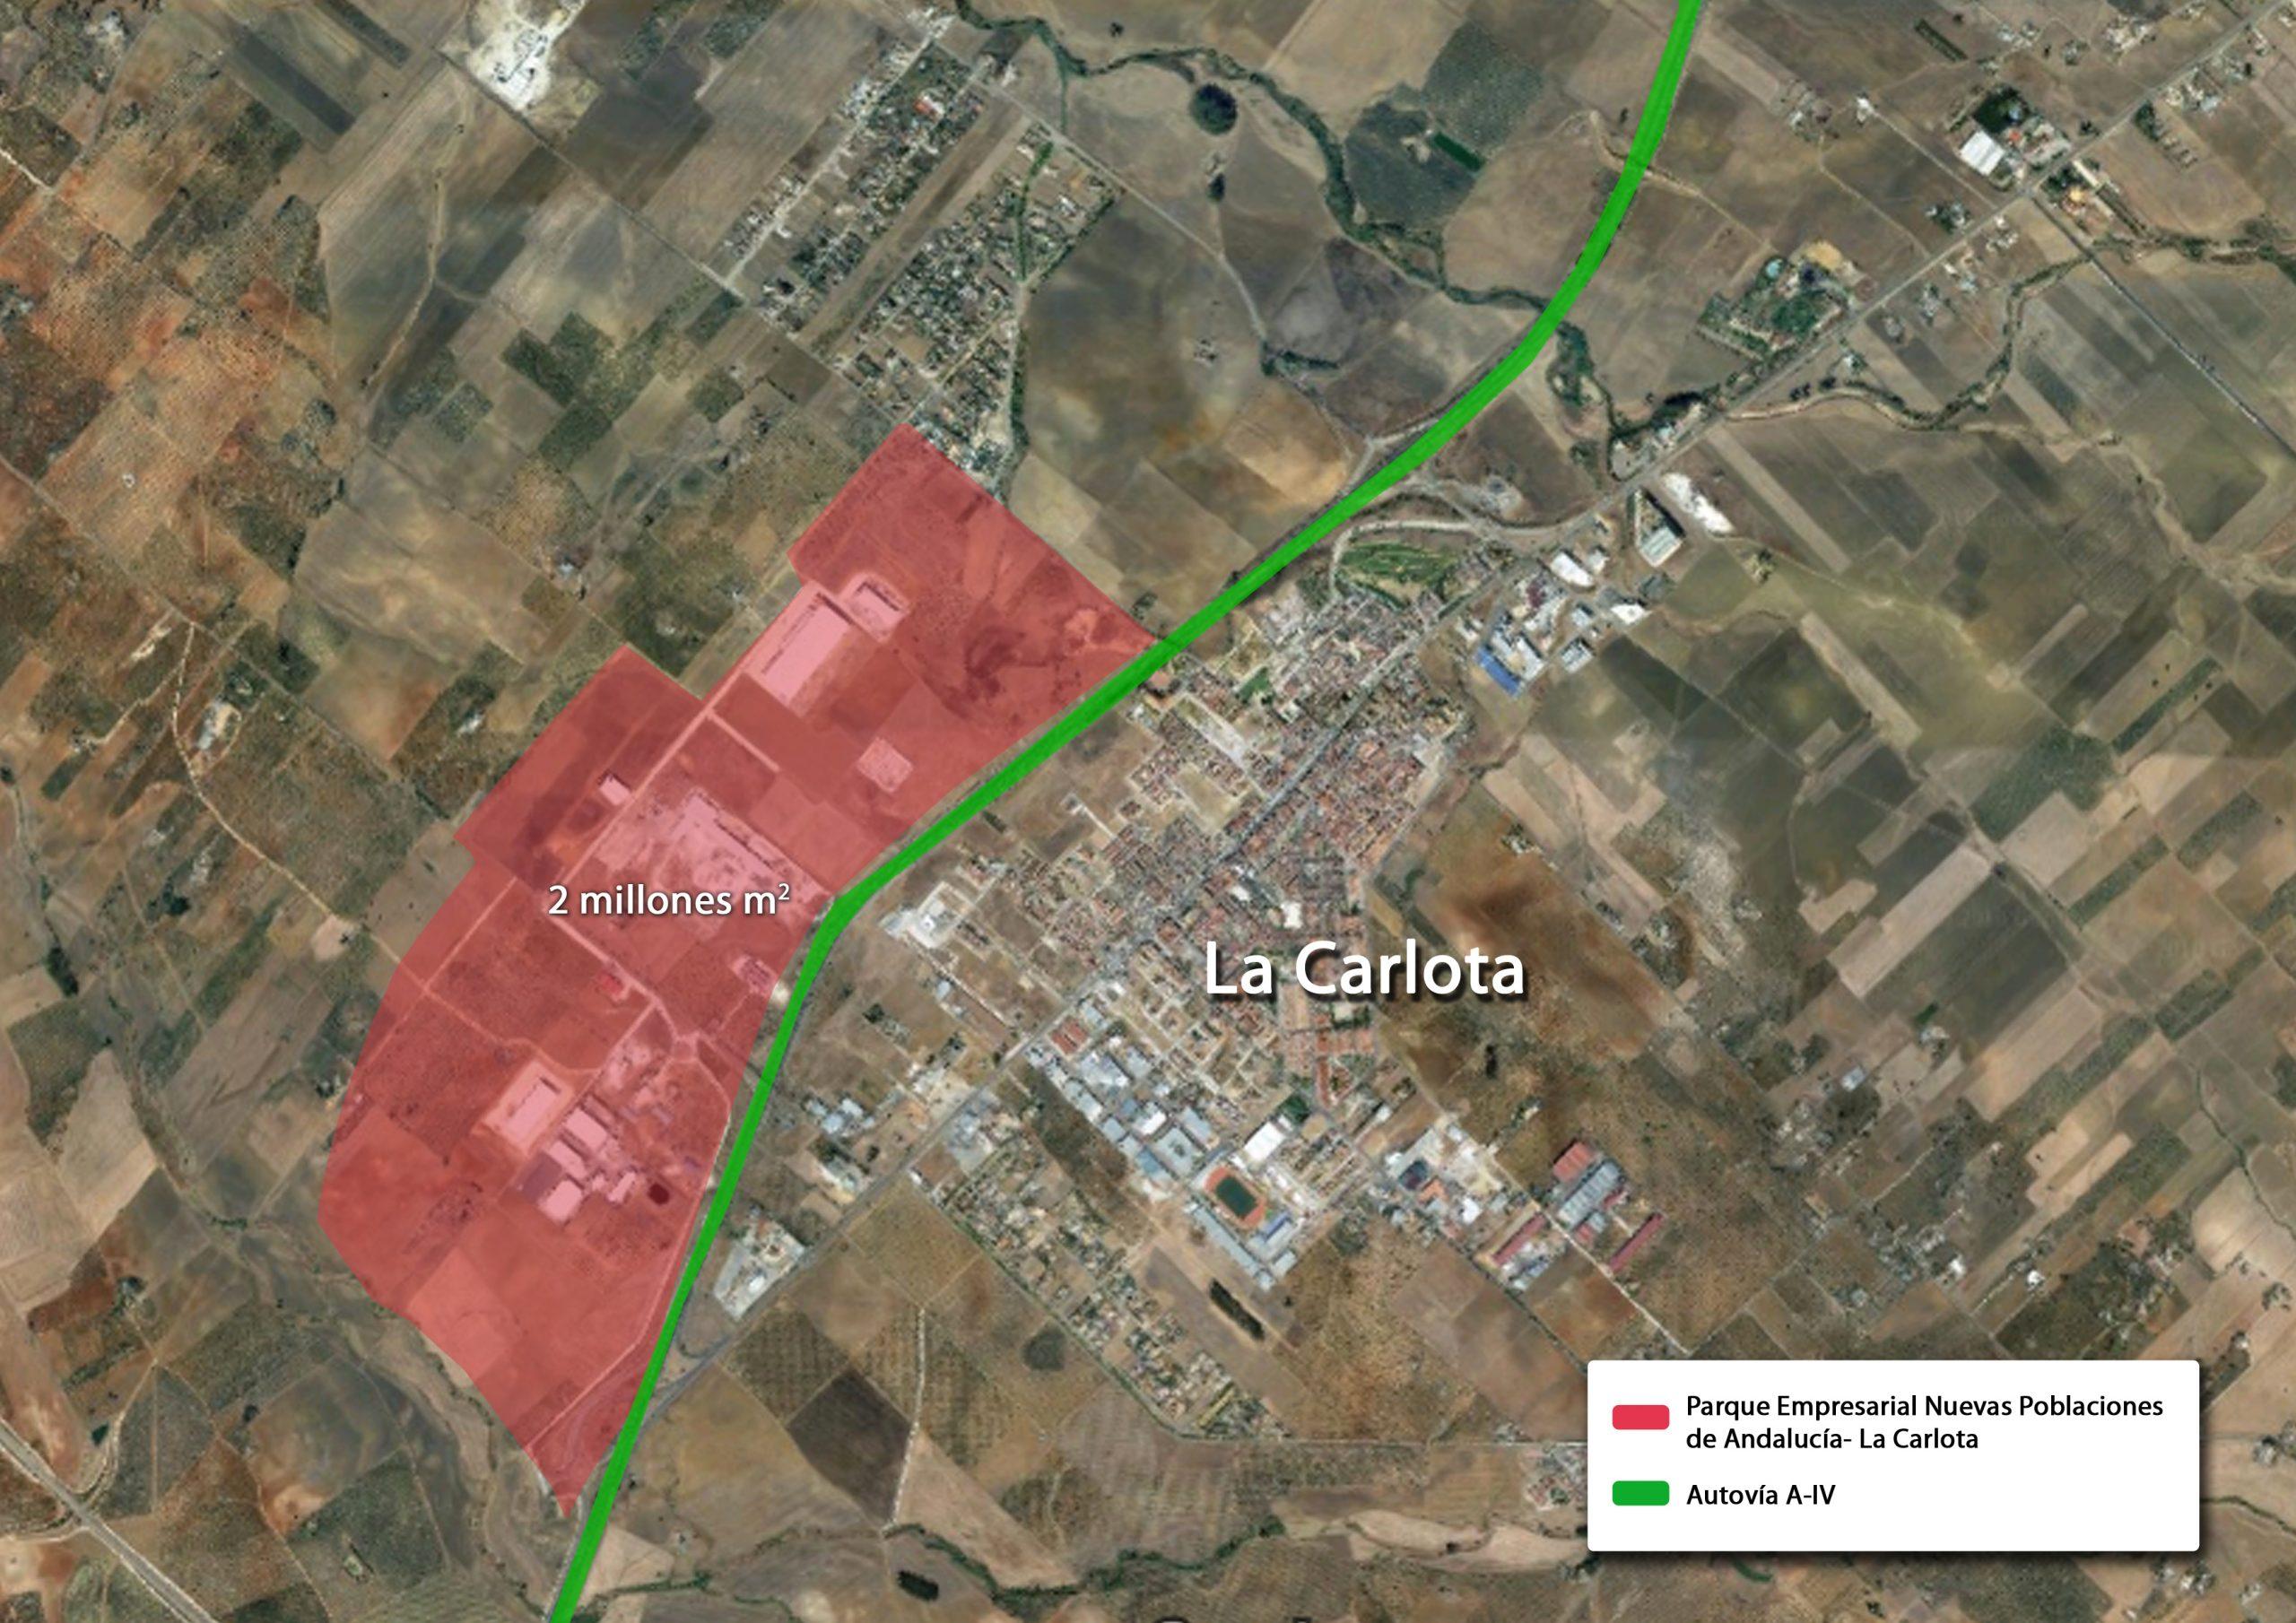 El Parque Empresarial Nuevas Poblaciones de Andalucía - La Carlota 1